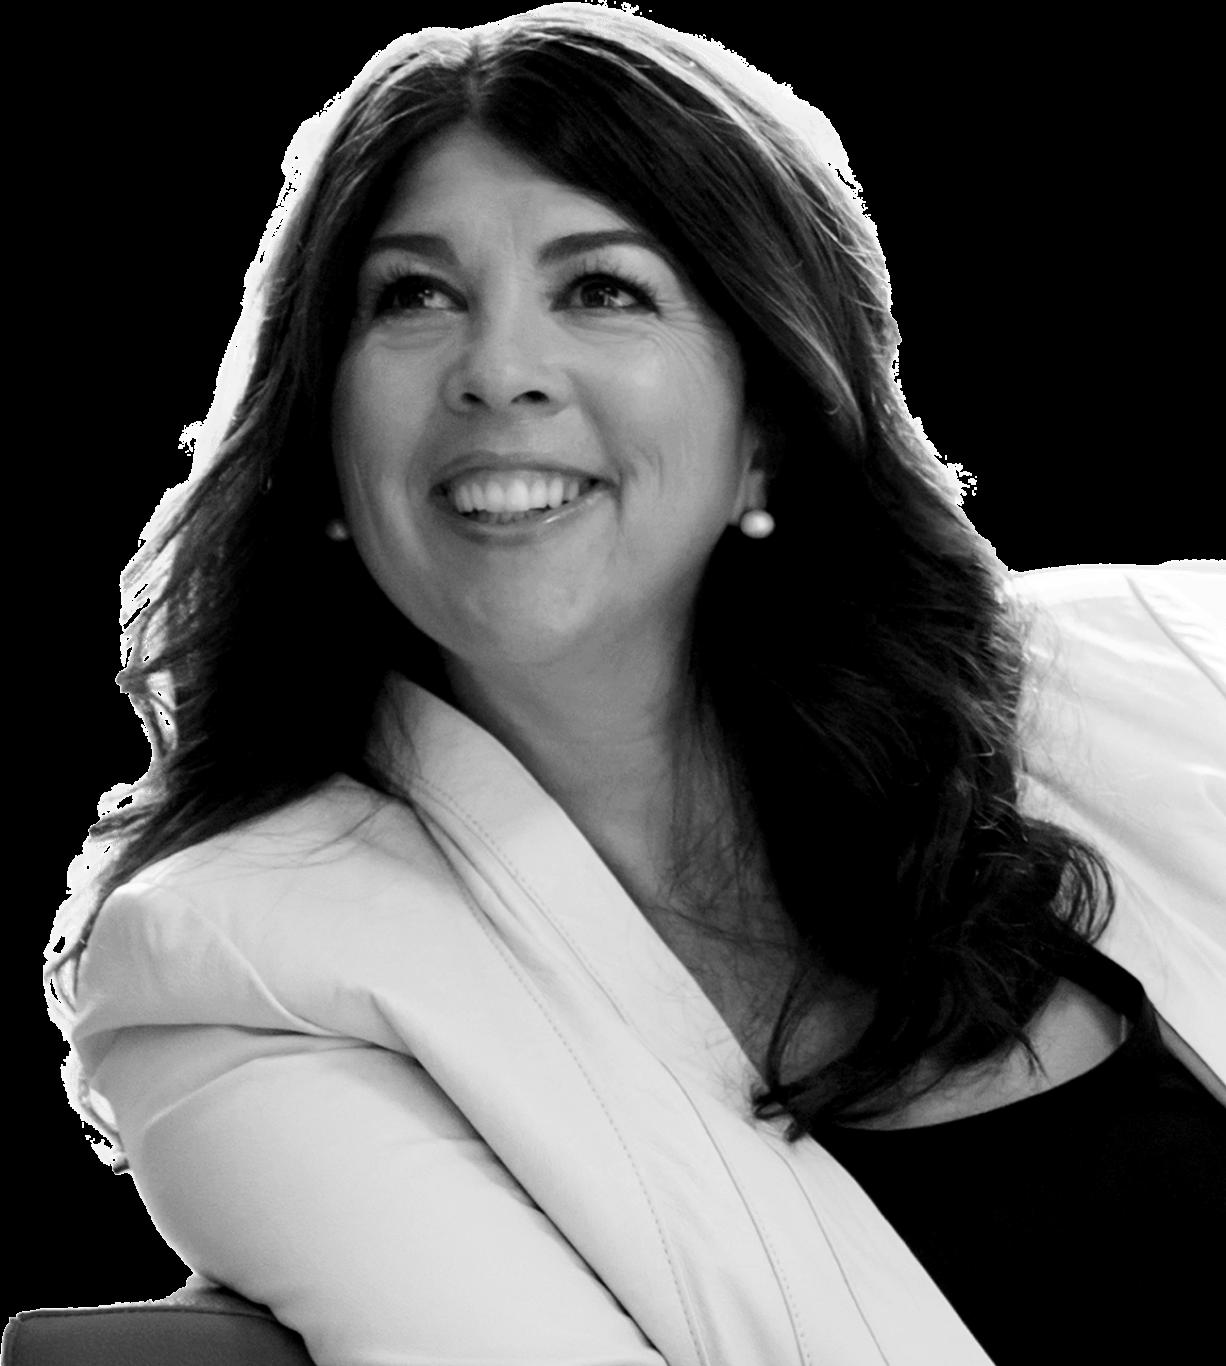 Lorie Brière